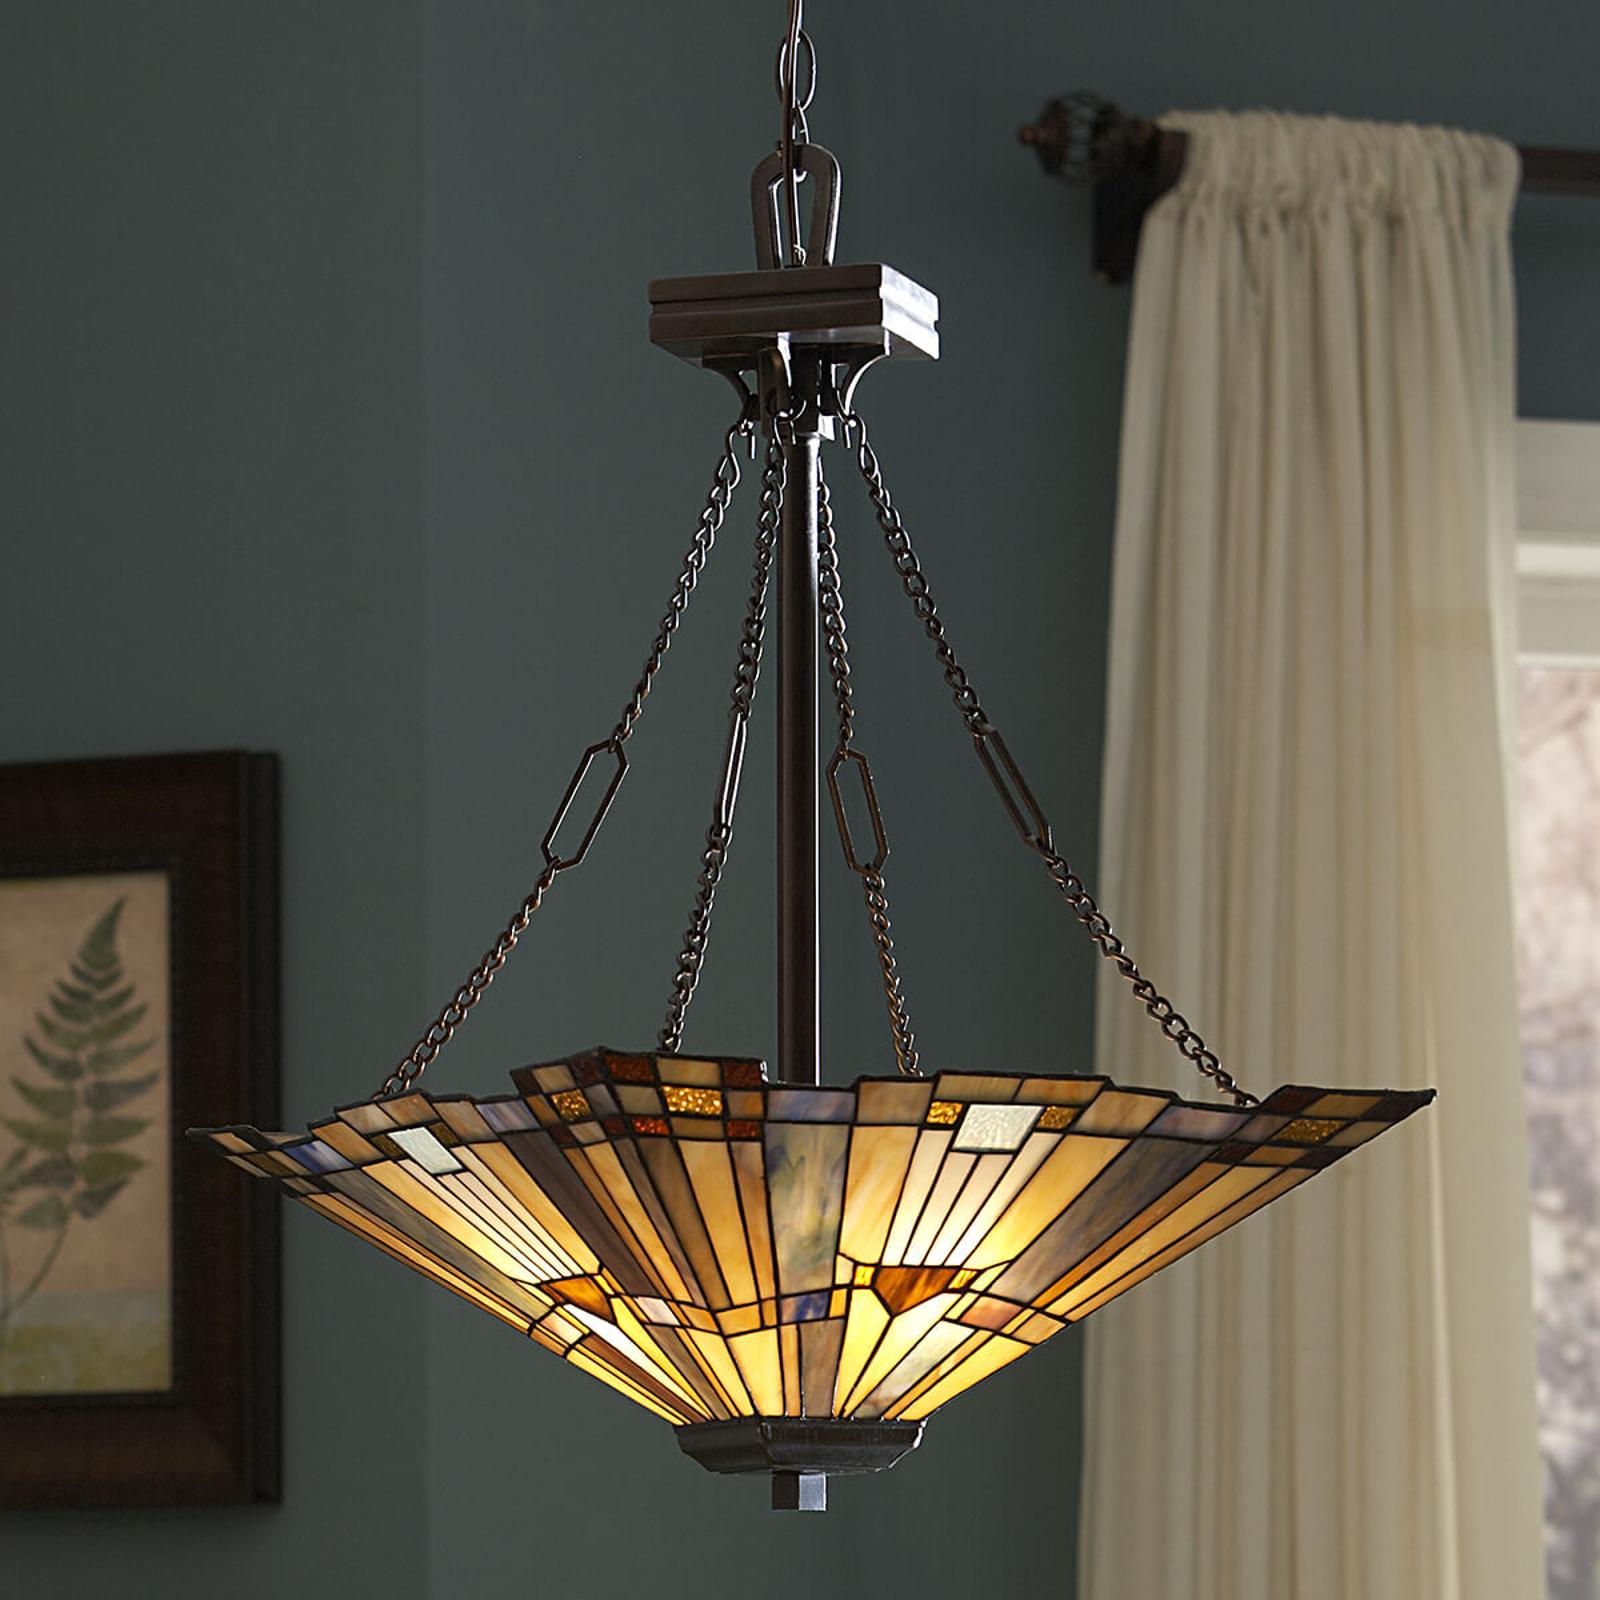 Inglenook hængelampe, farve. glas, længde 45 cm